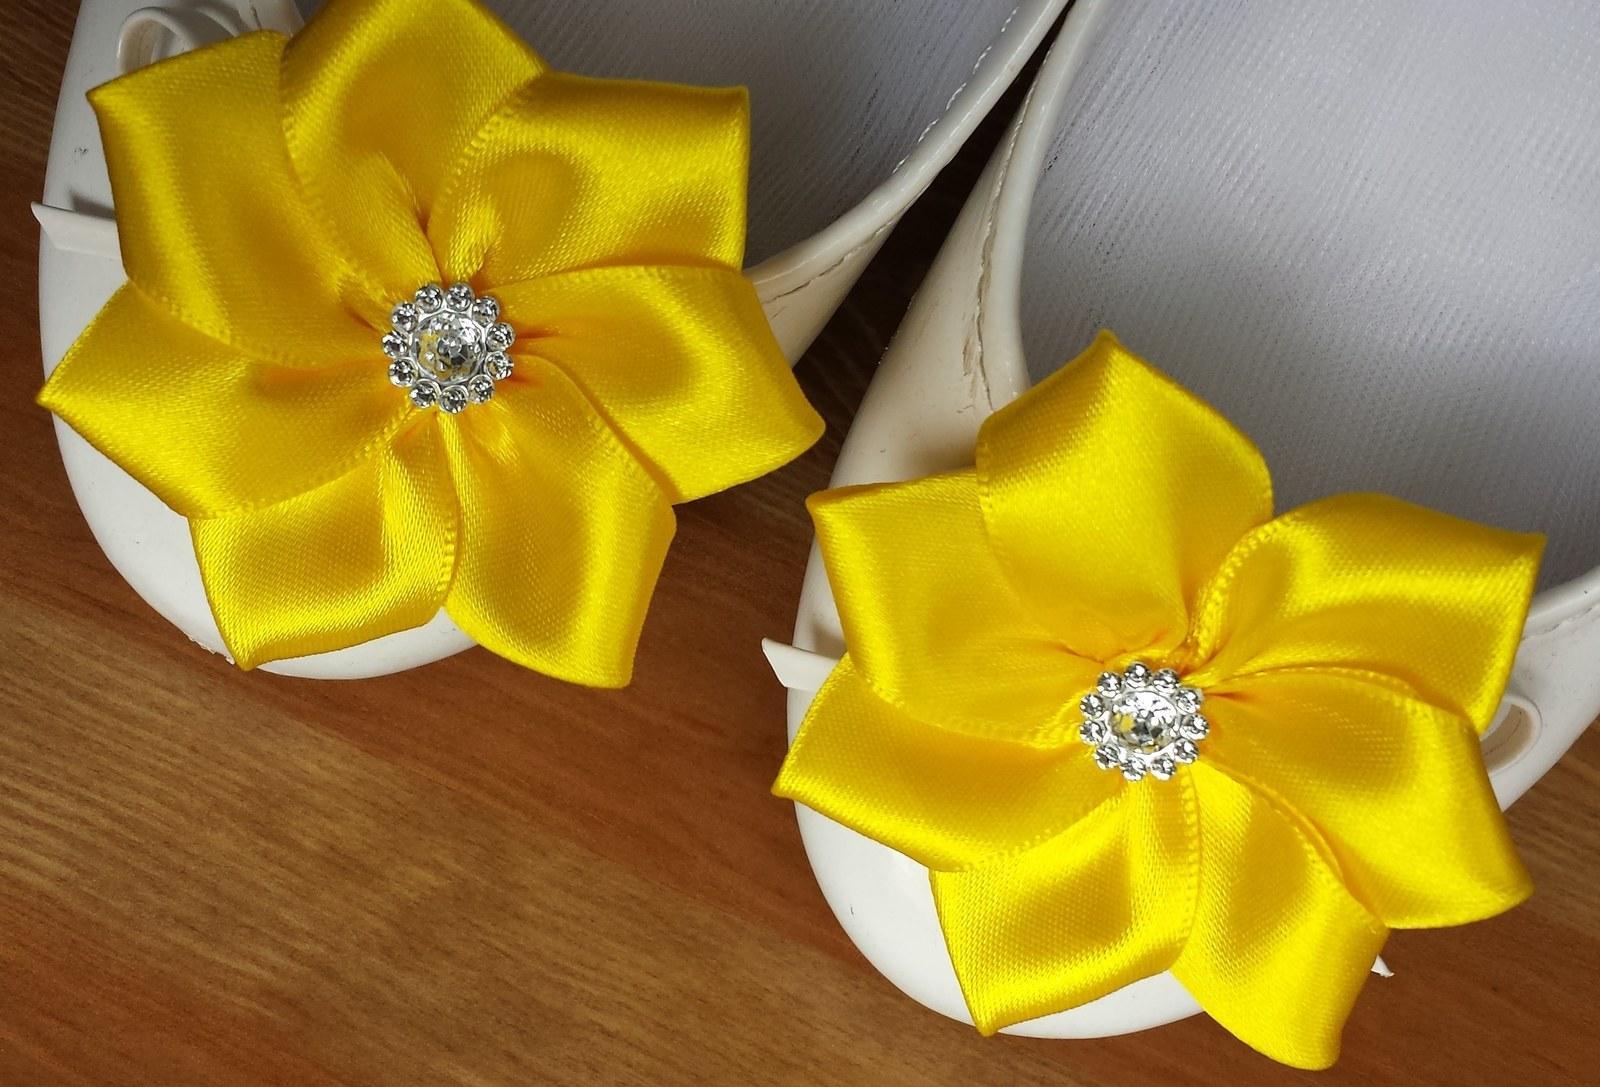 Klipy na boty pro nevěstu s FUCHSIOVOU mašličkou - Obrázek č. 4